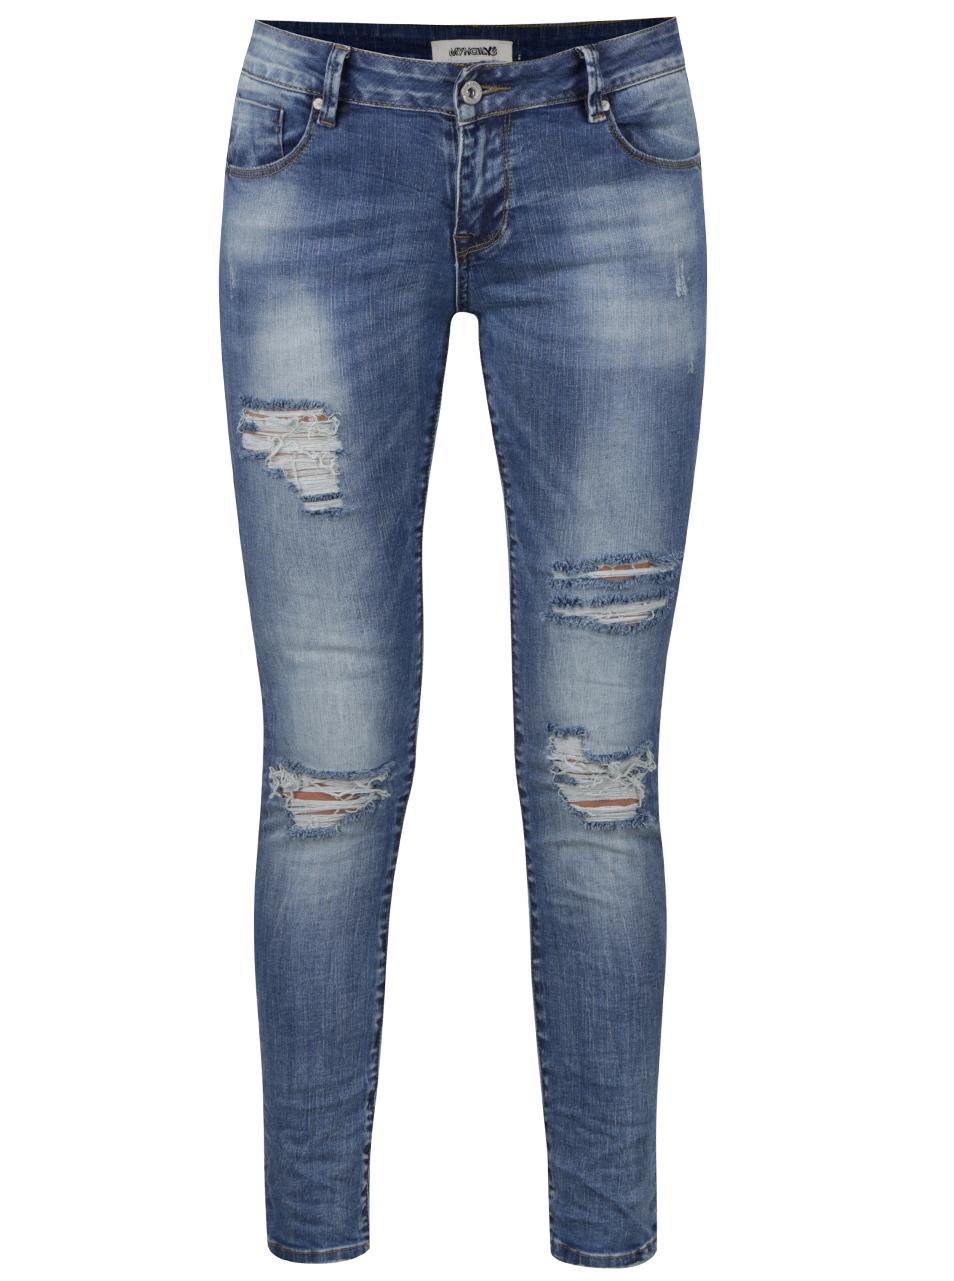 c0da1b6a64f Pro více fotografií navštivte doporučený obchod. U těchto modrých dámských  džín ...